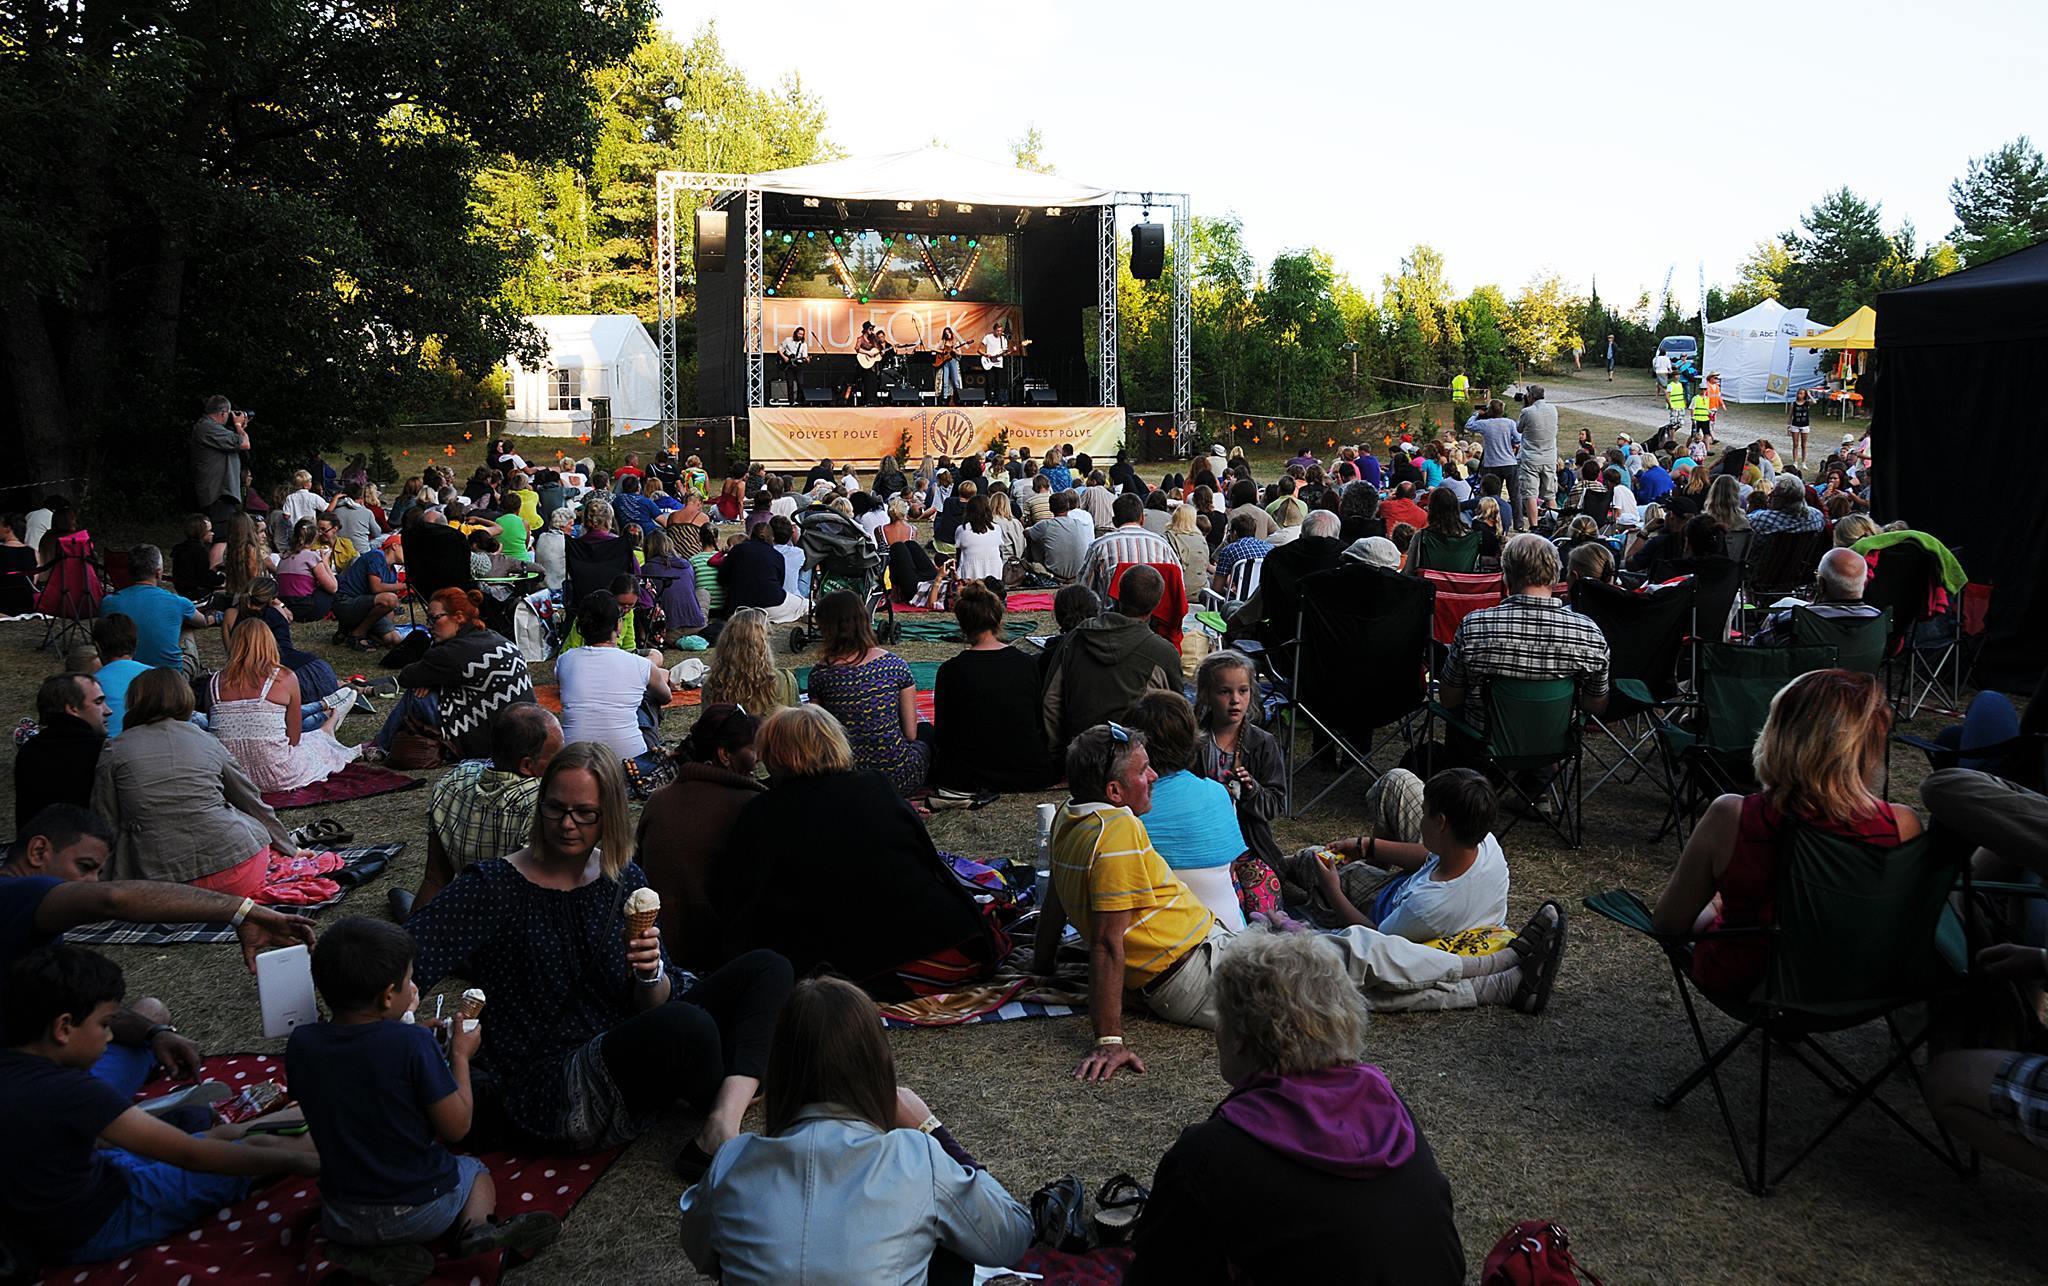 PILETID MÜÜGIL! Kogupere pärimusmuusikafestival Hiiu Folk alustab täna piletimüügiga